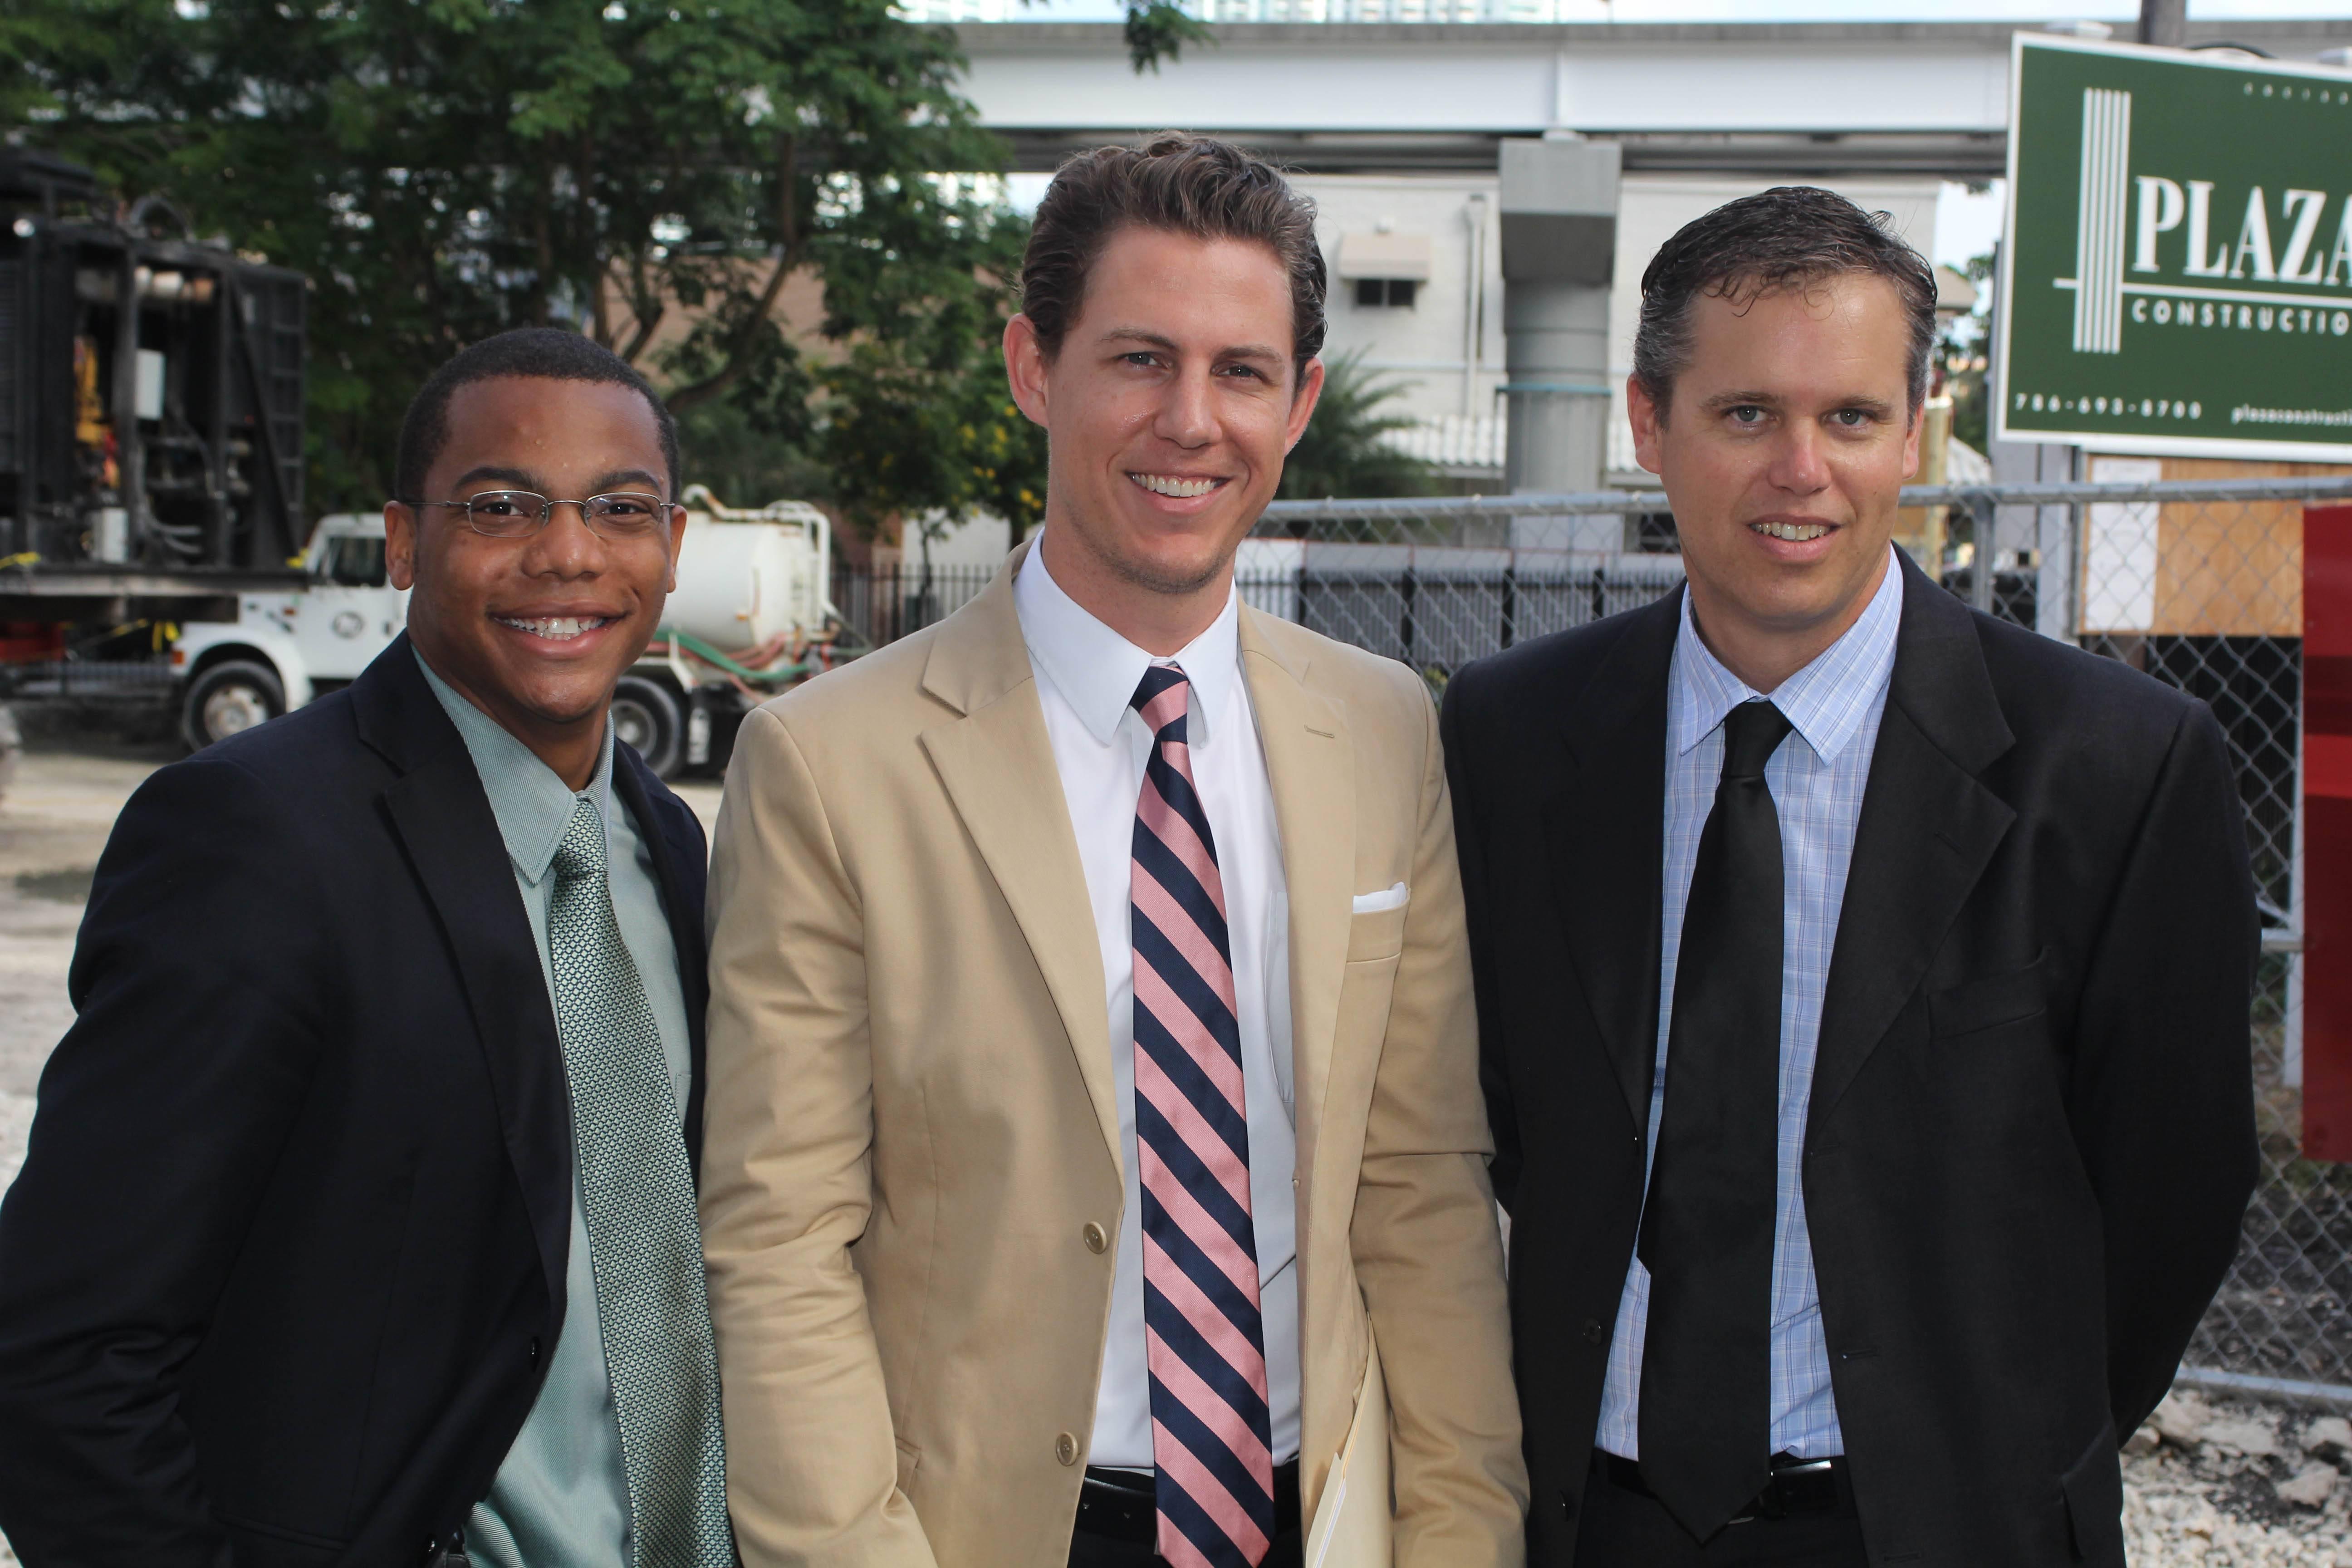 Jeve Clayton, John Heffernan, Aaron Sinnes